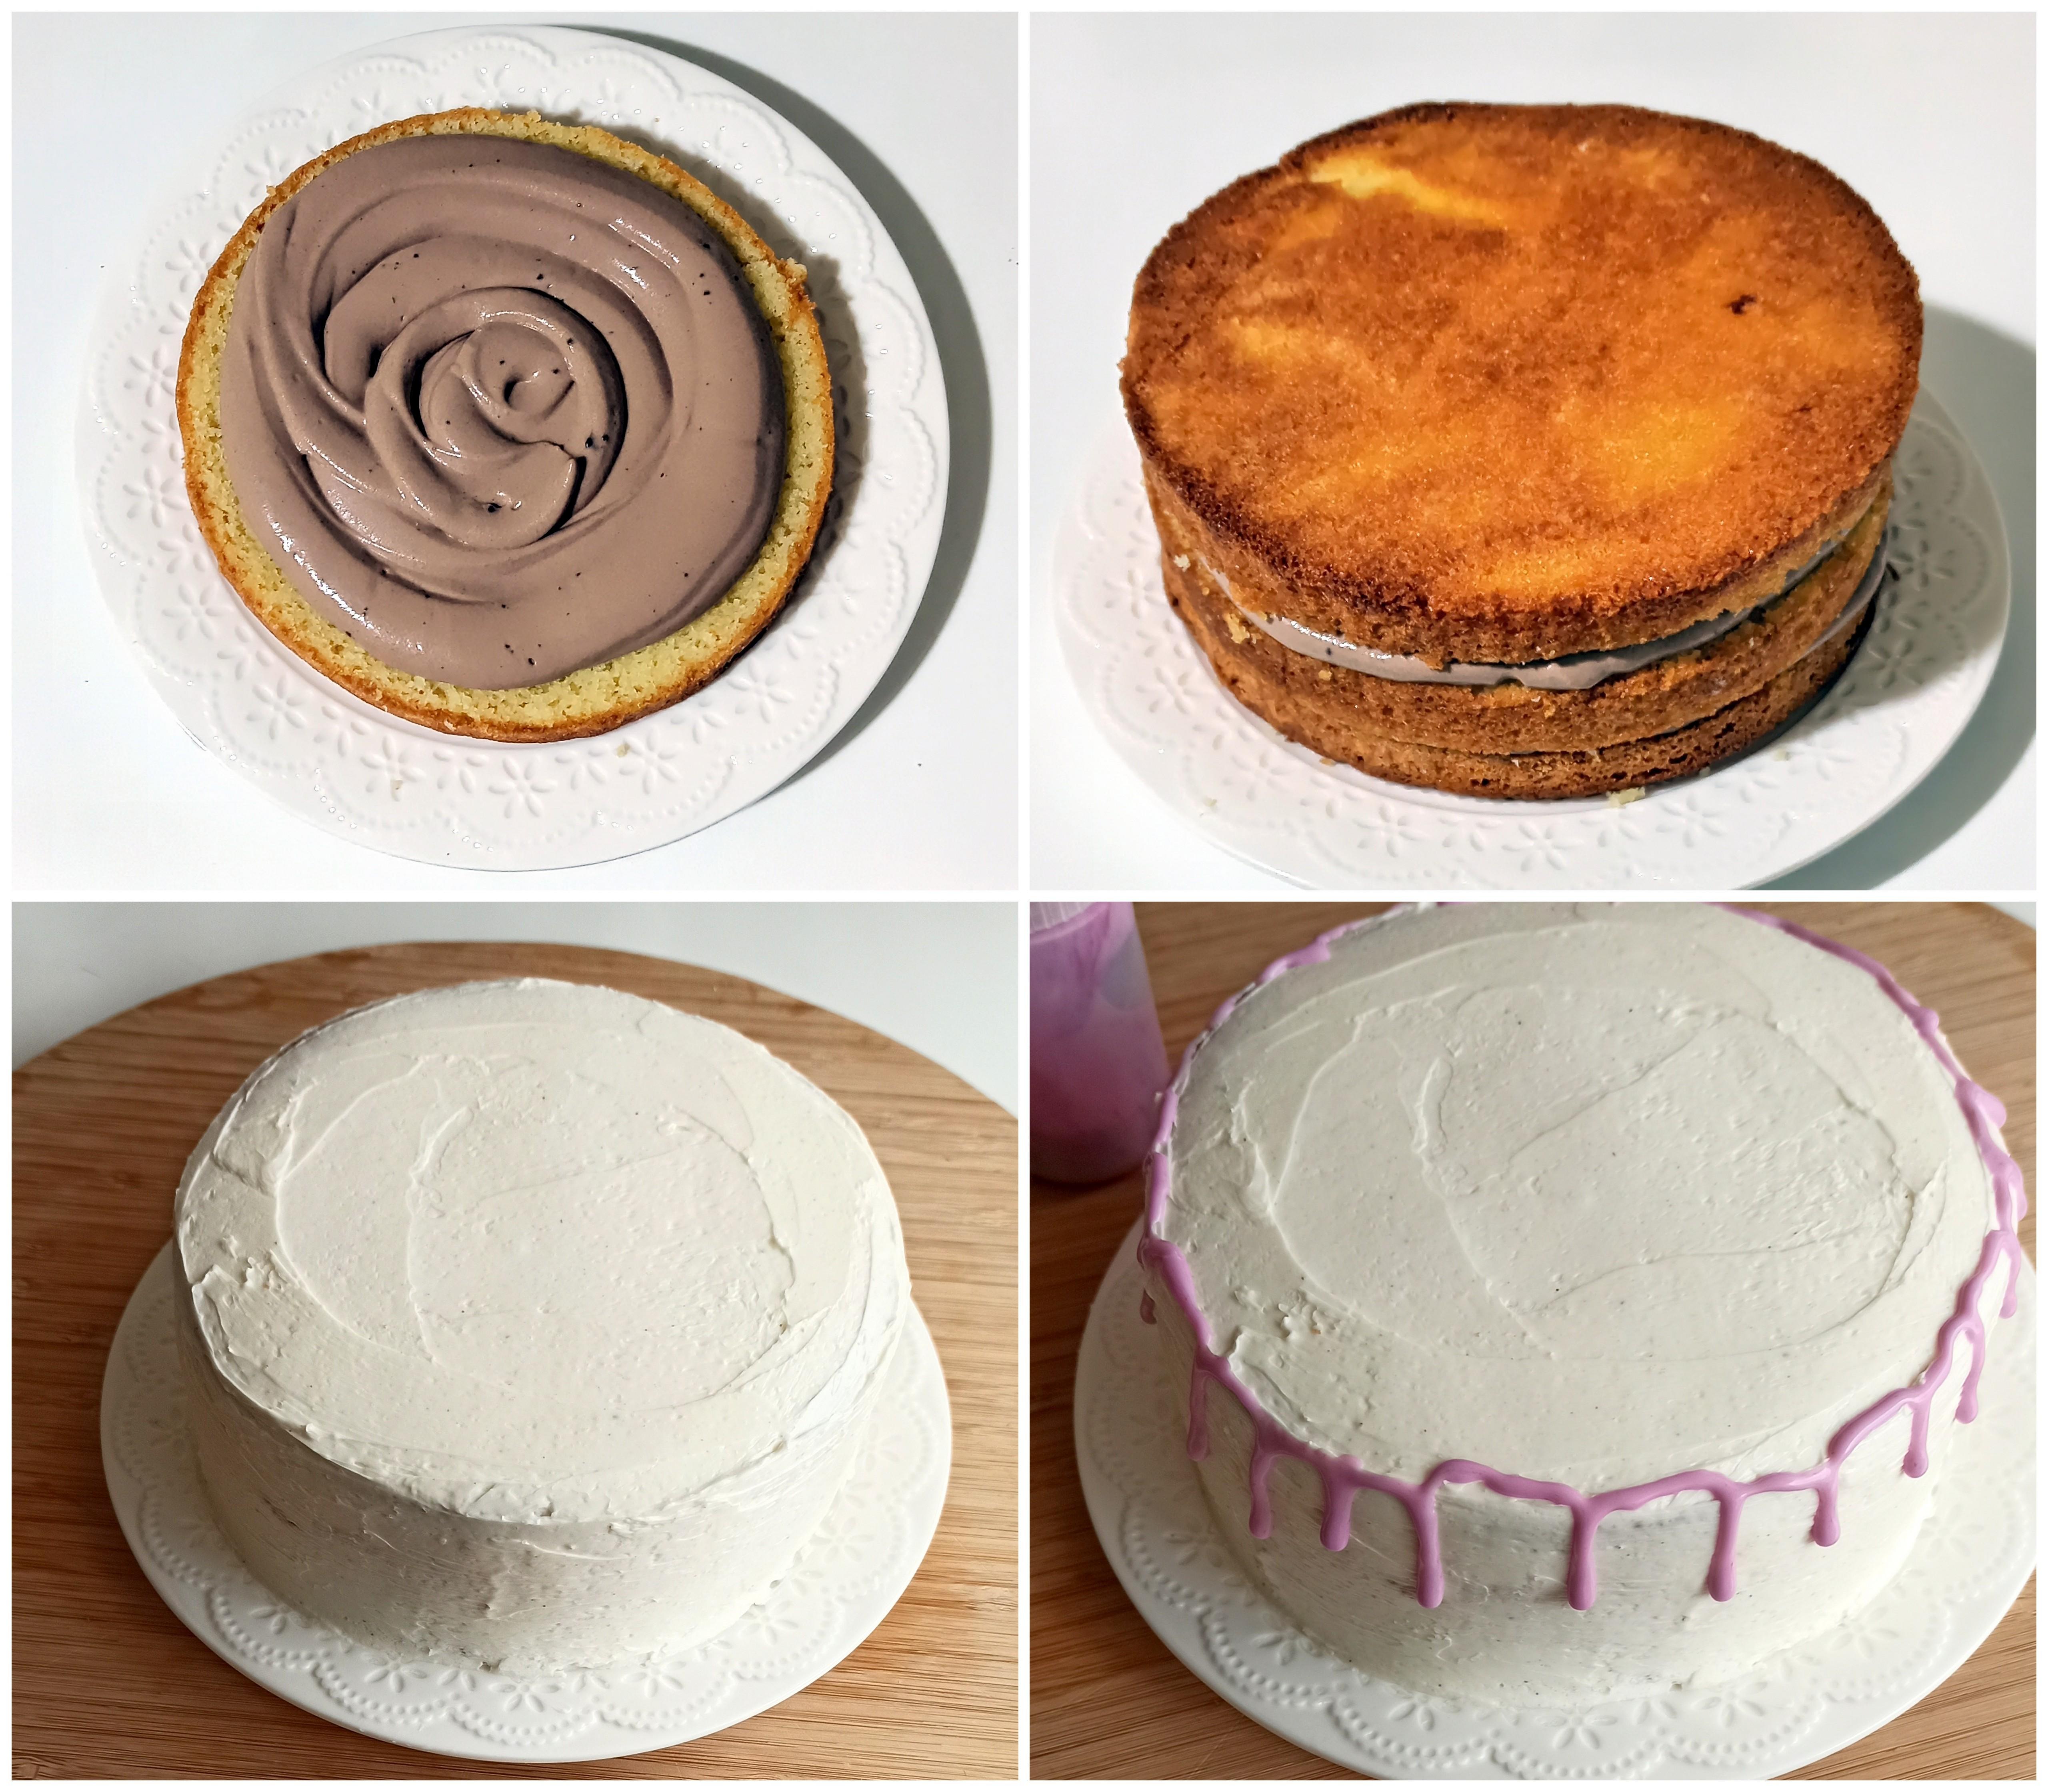 Sponge cake sans gluten à la crème au beurre meringuée - La Cassata Celiaca